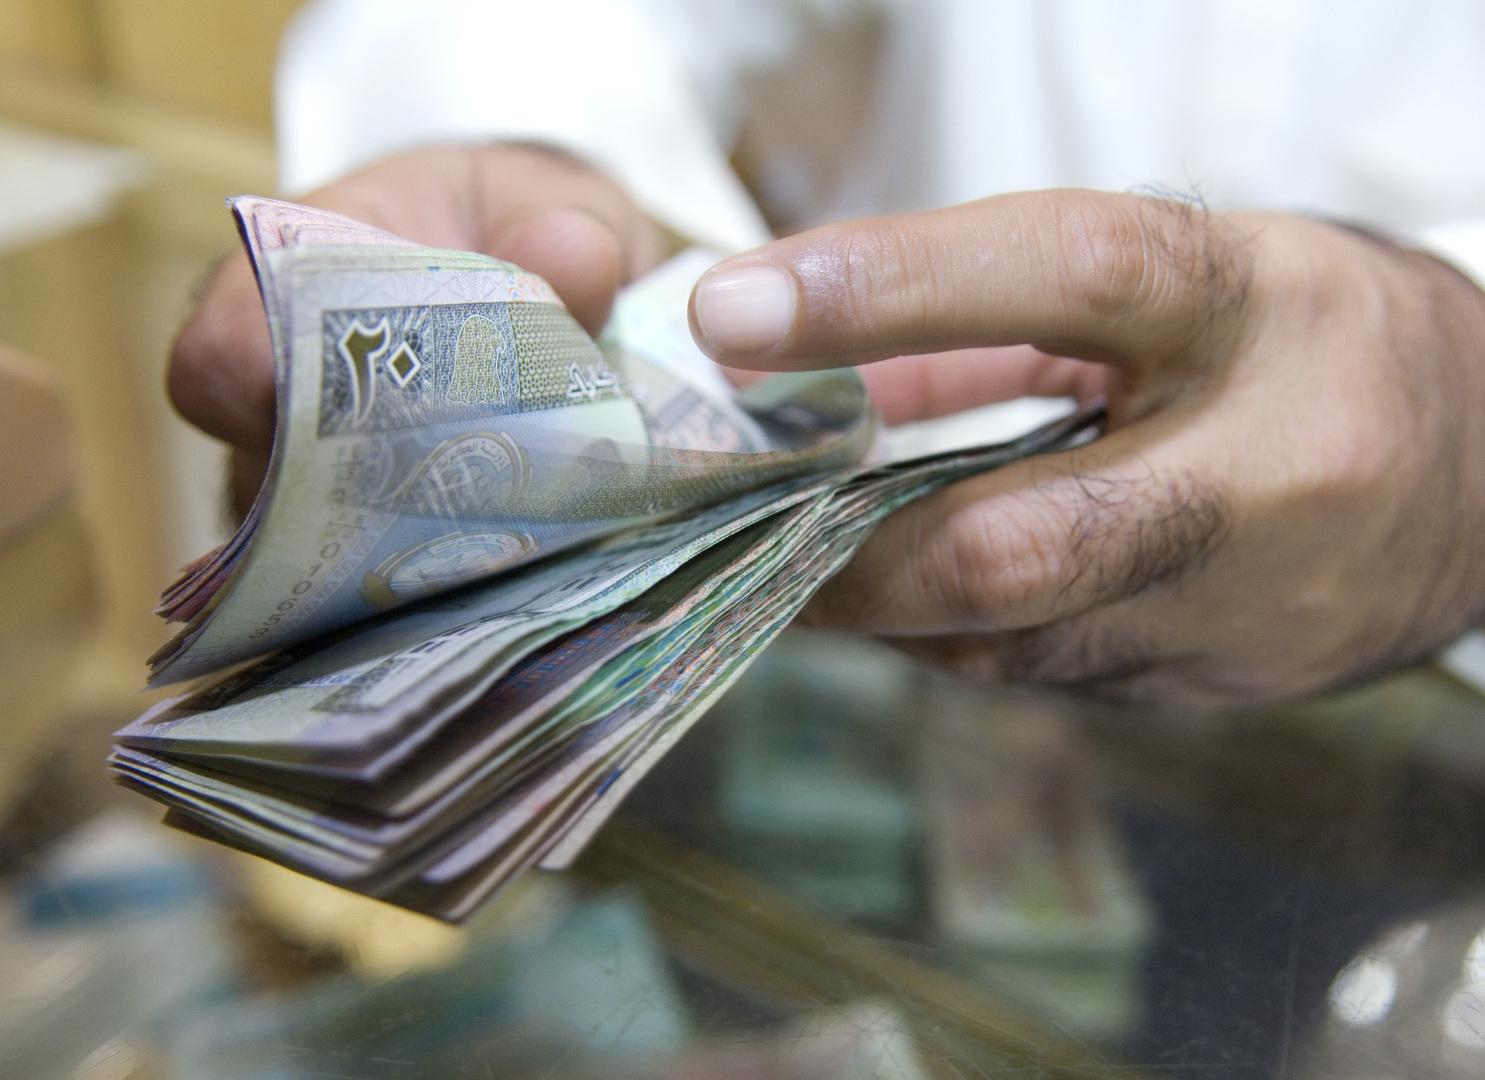 صورة تعبيرية - أوراق نقدية كويتية